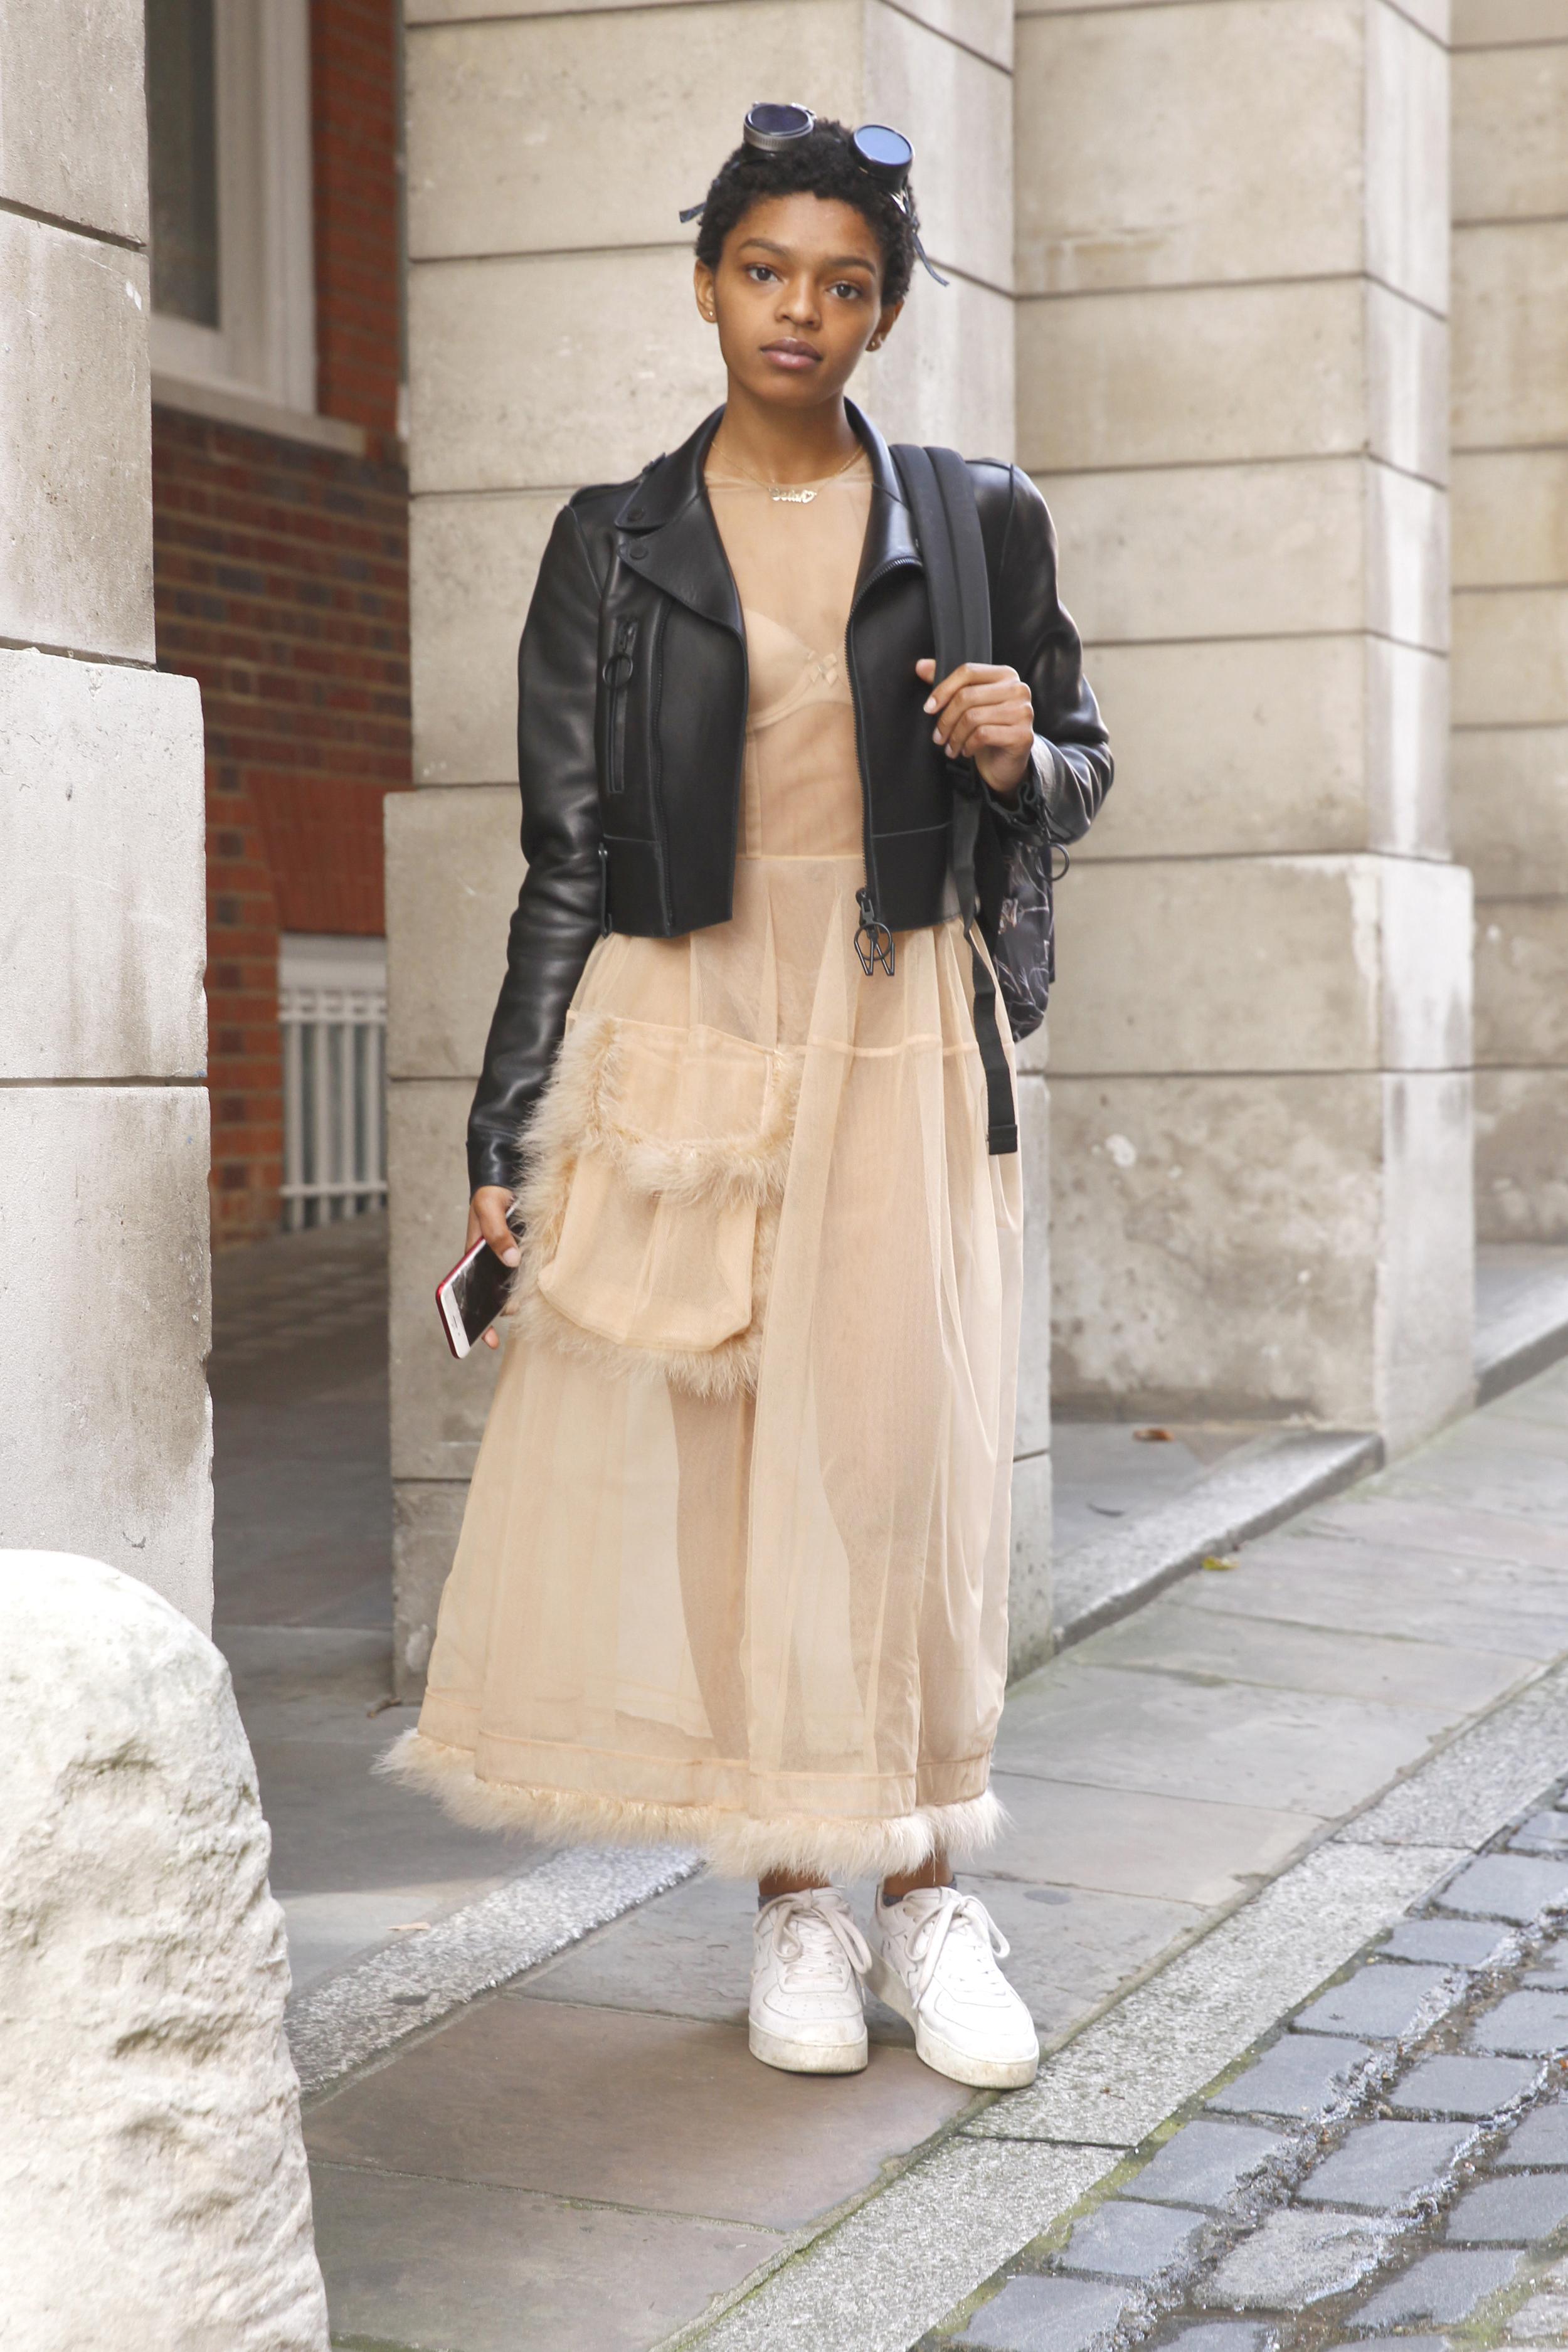 Selah Marley kombiniert ein feines Kleid mit alltagstauglichen Accessoires